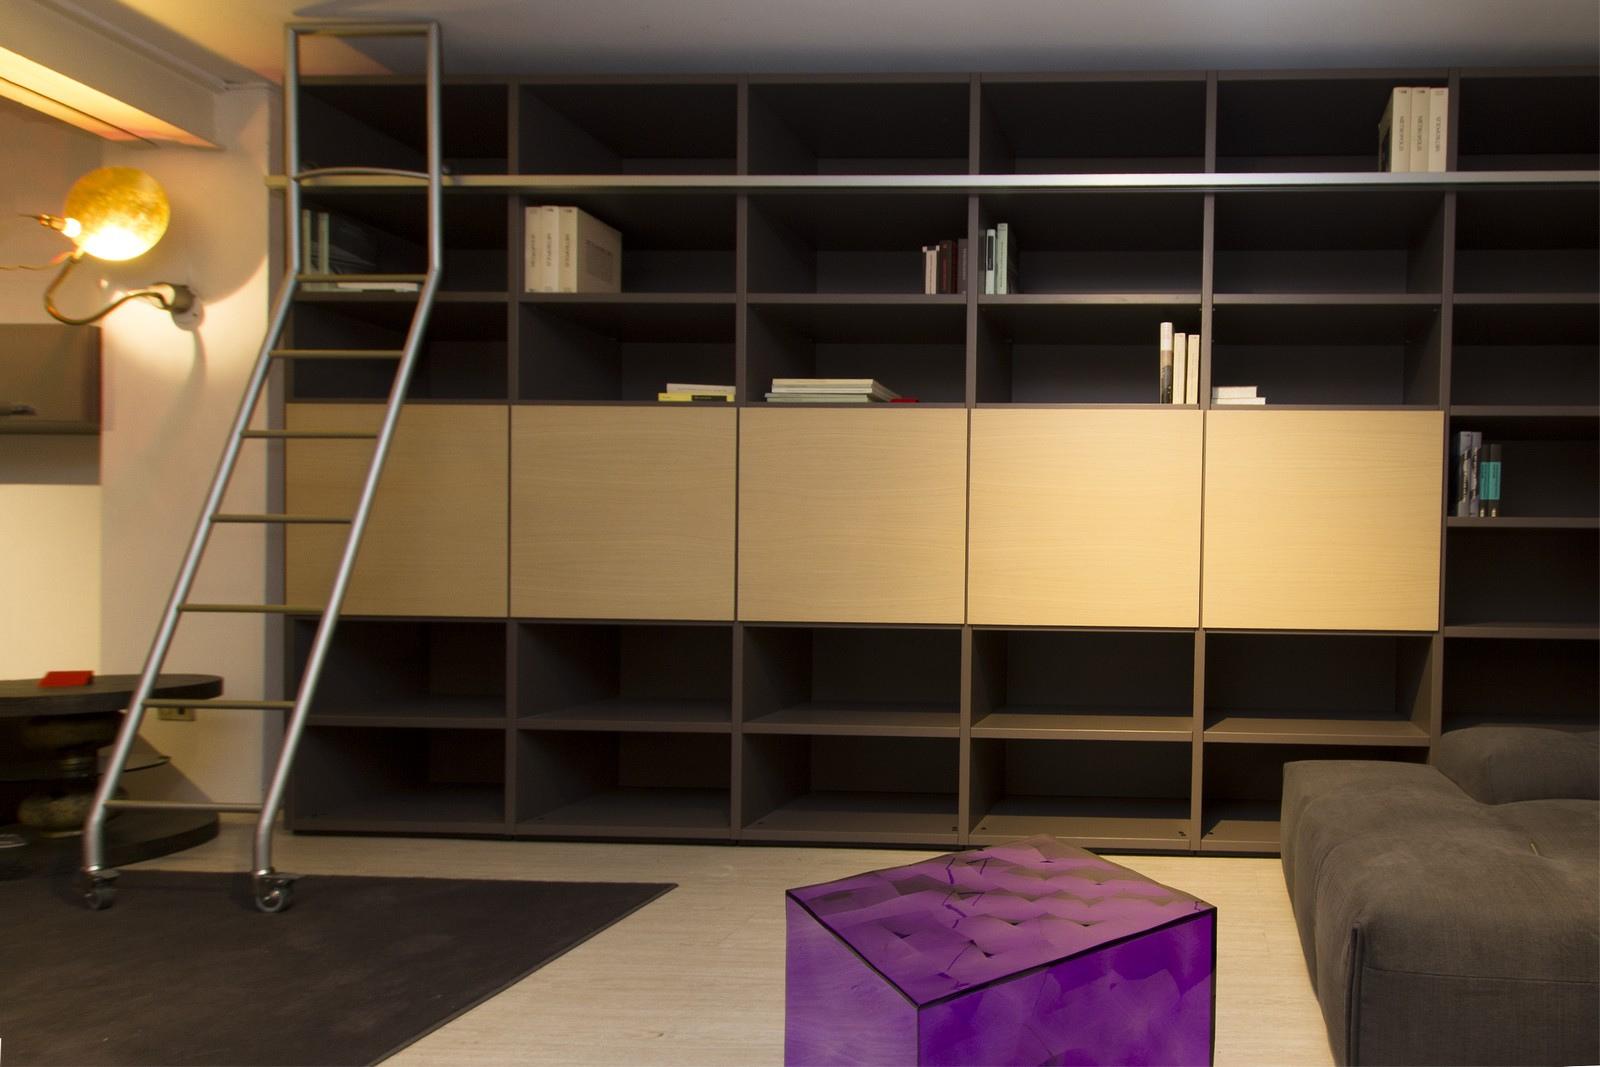 showroom - spagnoli arredamenti firenze - progettazione e vendita ... - Negozi Arredamento Design Firenze